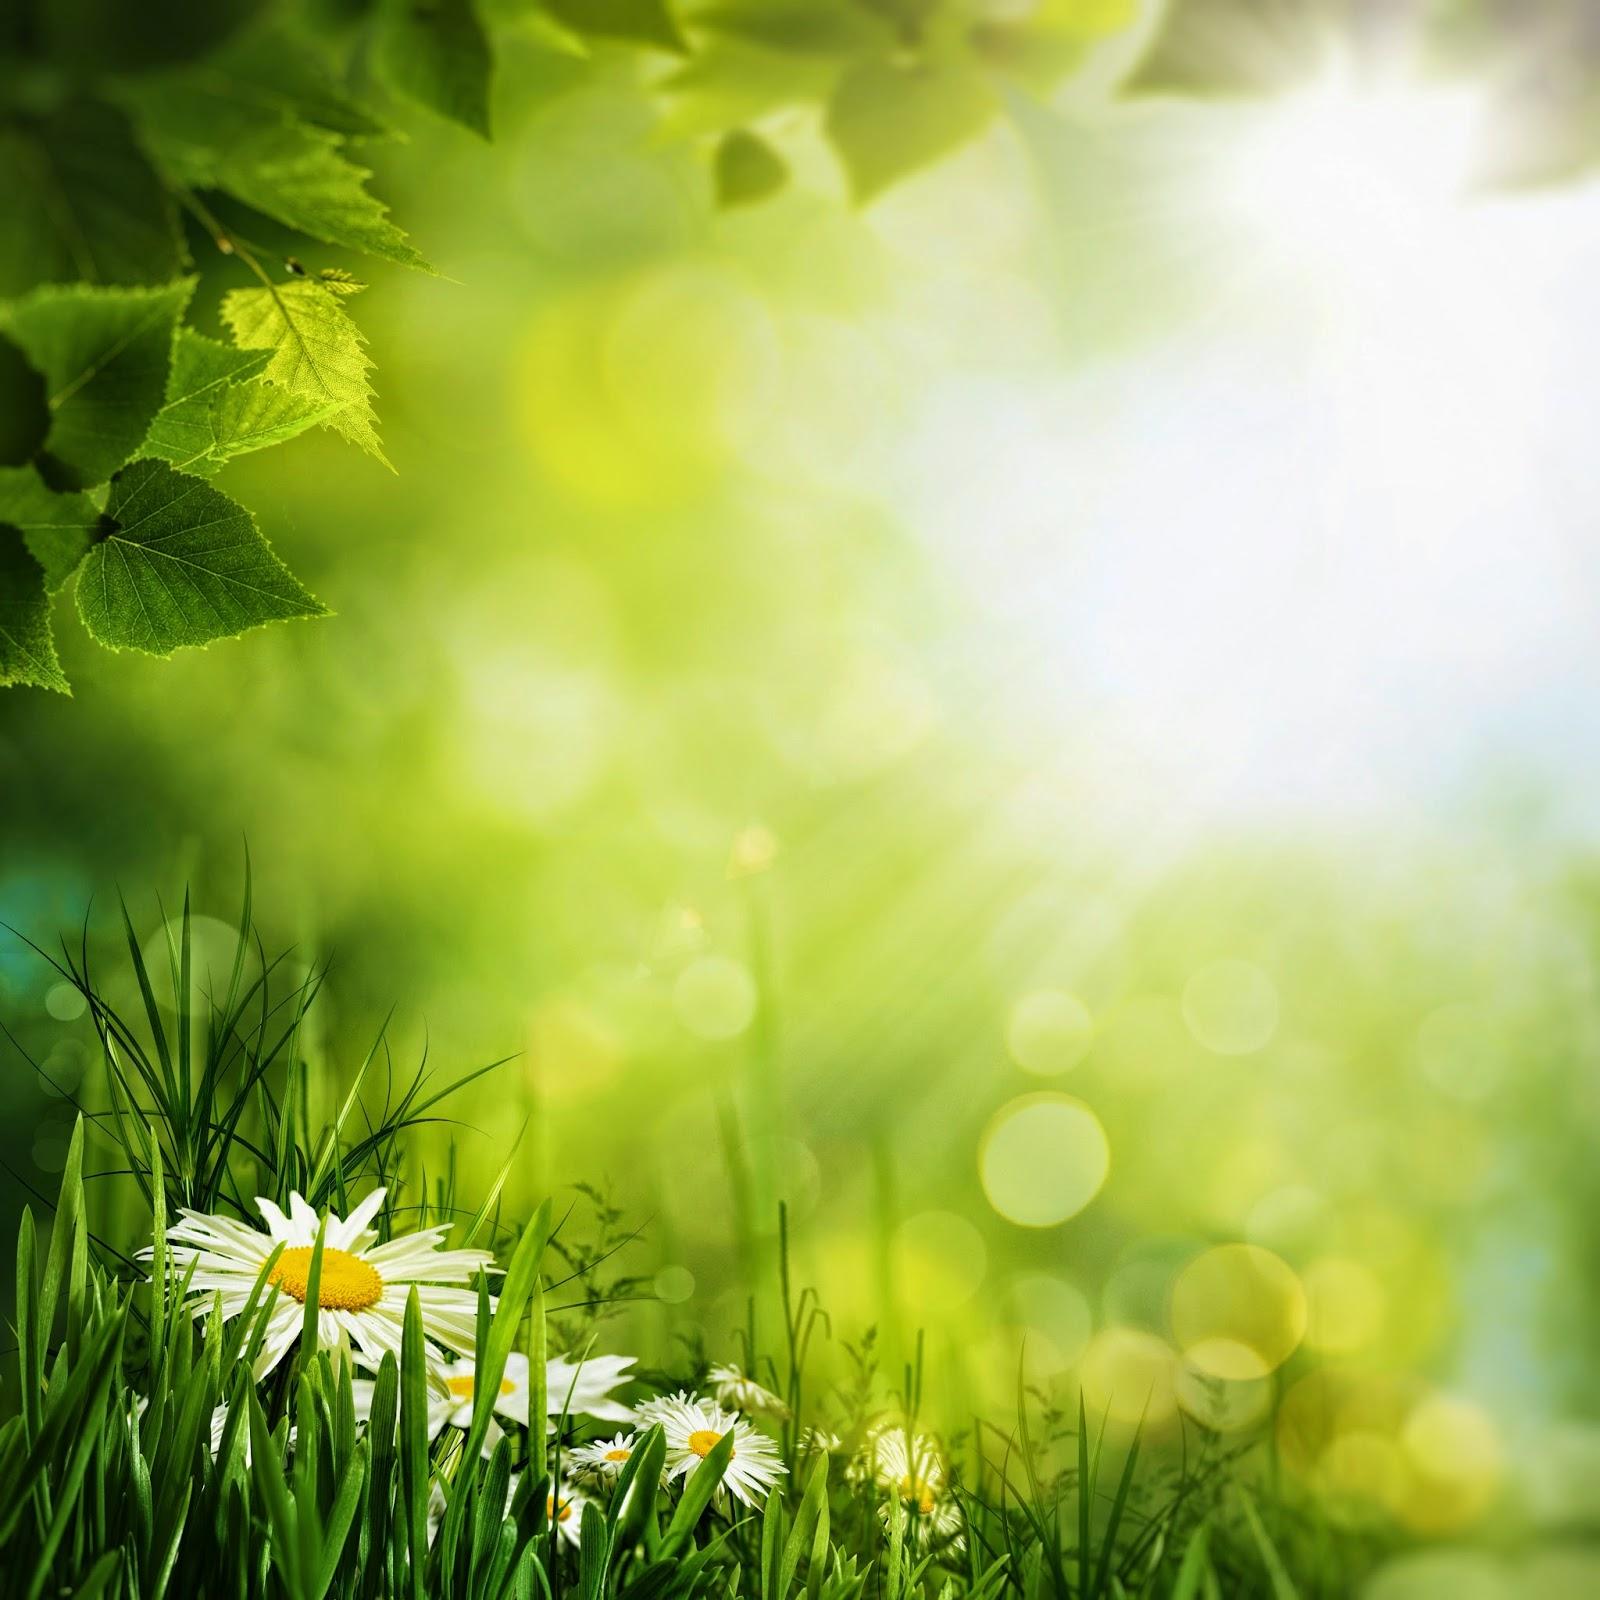 Imagenes fotograficas imagenes bonitas de flores para for Imagenes nuevas para fondo de pantalla